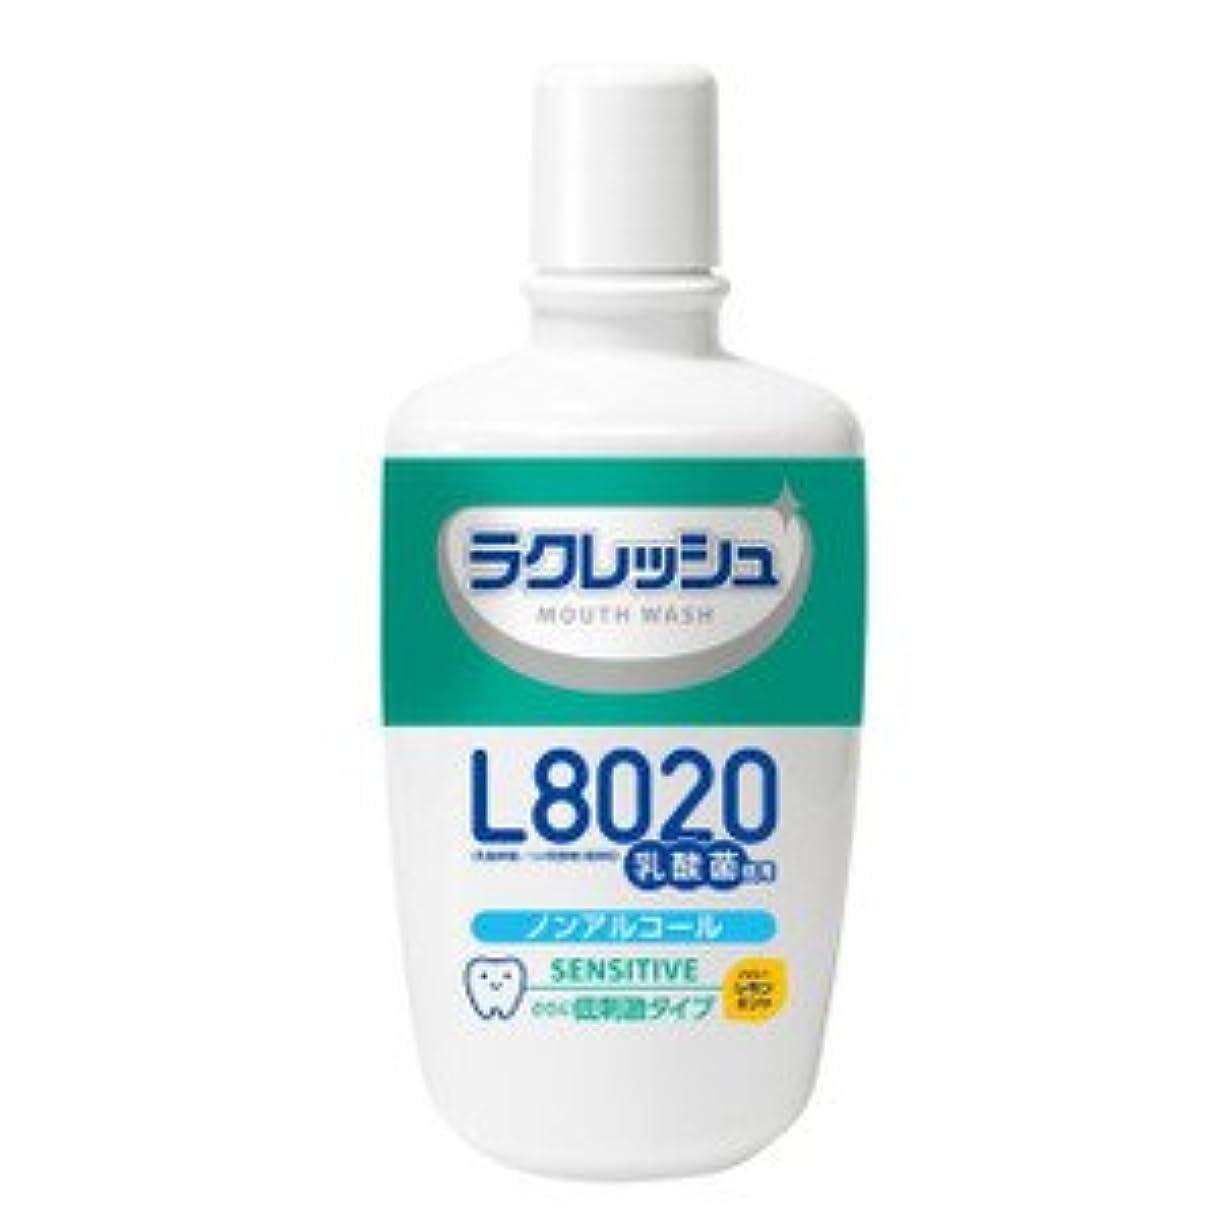 困ったキー分布ジェクス ラクレッシュ L8020乳酸菌 マウスウォッシュ 洗口液センシティブタイプ 300ml×10個セット